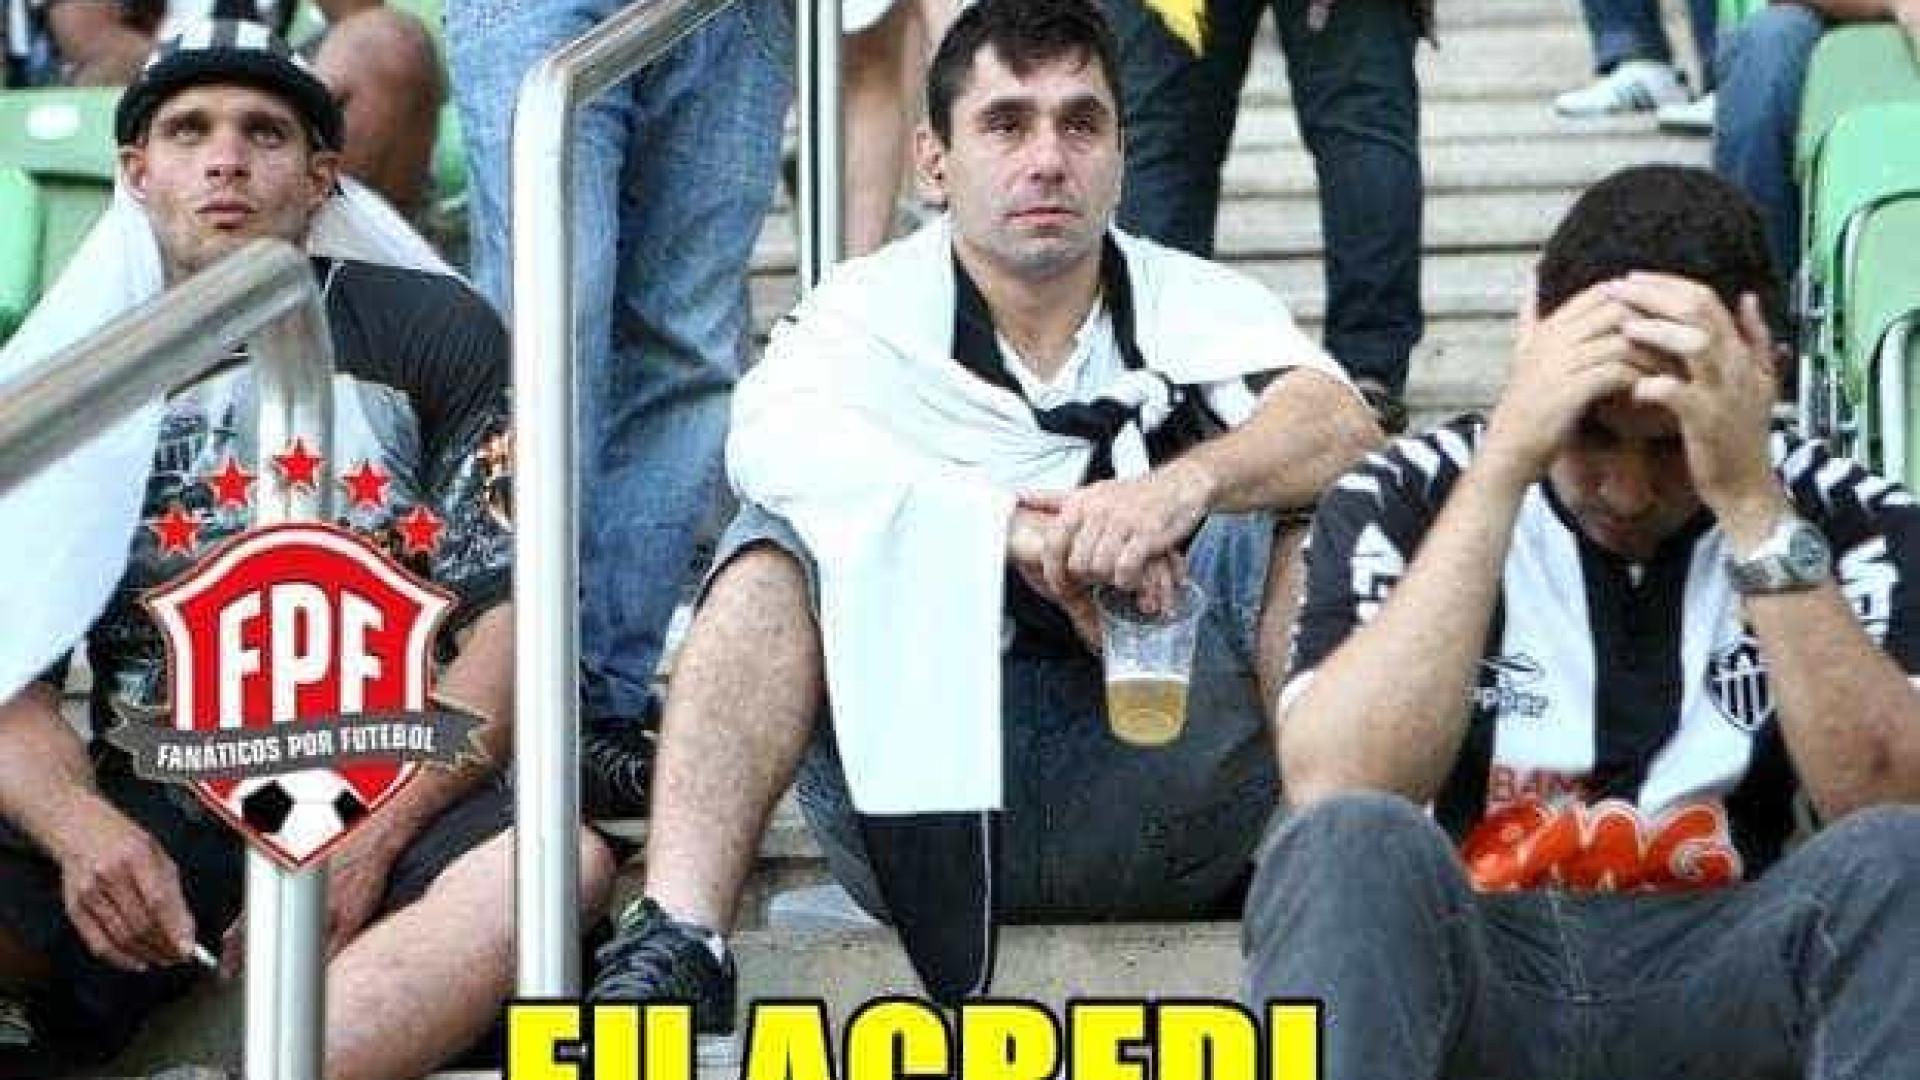 Internautas não perdoam eliminação do Galo; veja os memes